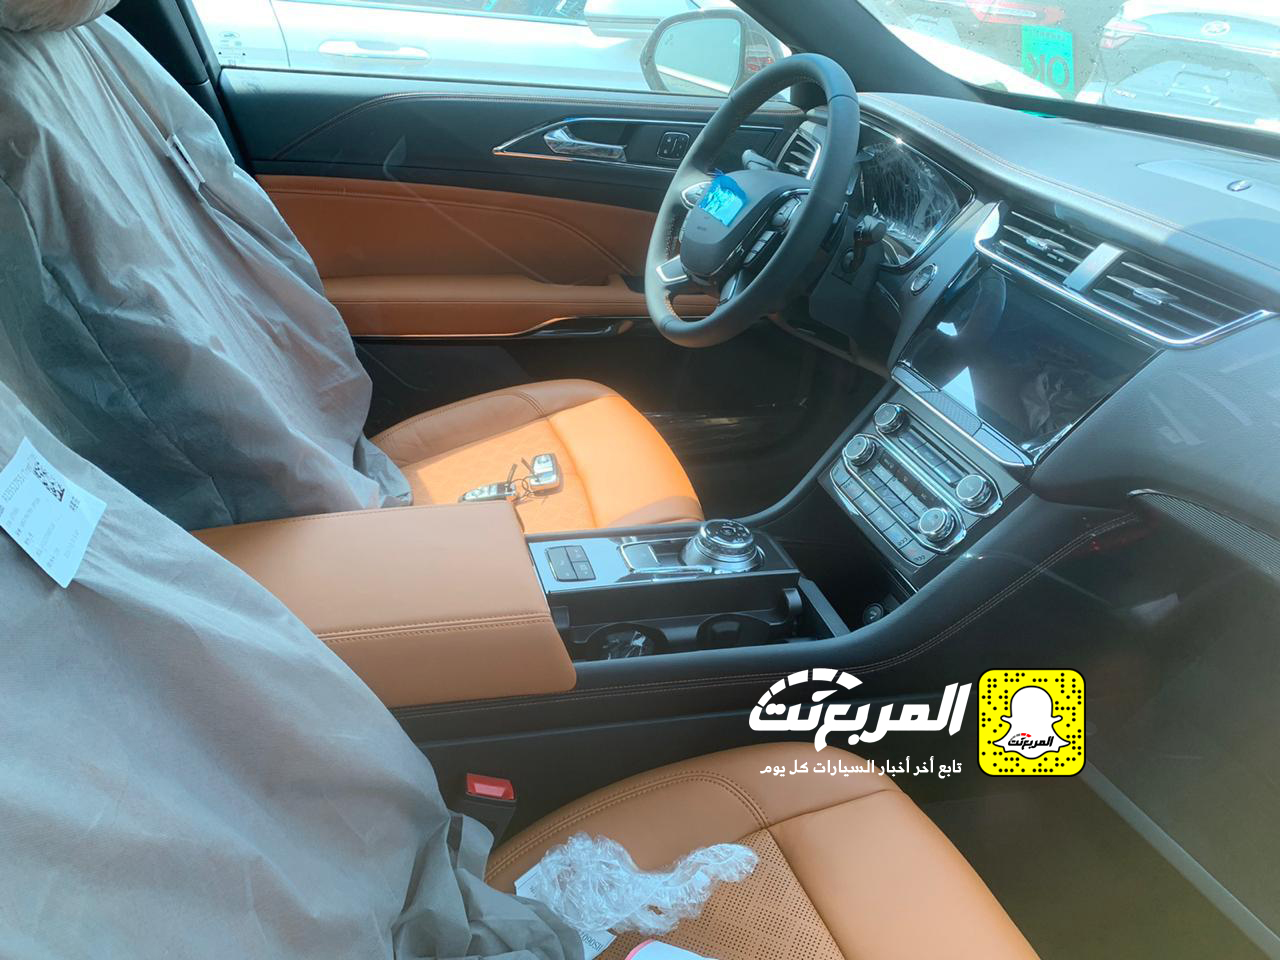 المربع نت بالصور وصول فورس تورس 2020 الجديدة كليا الى السعودية التفاصيل Ford Taurus للتفاصيل